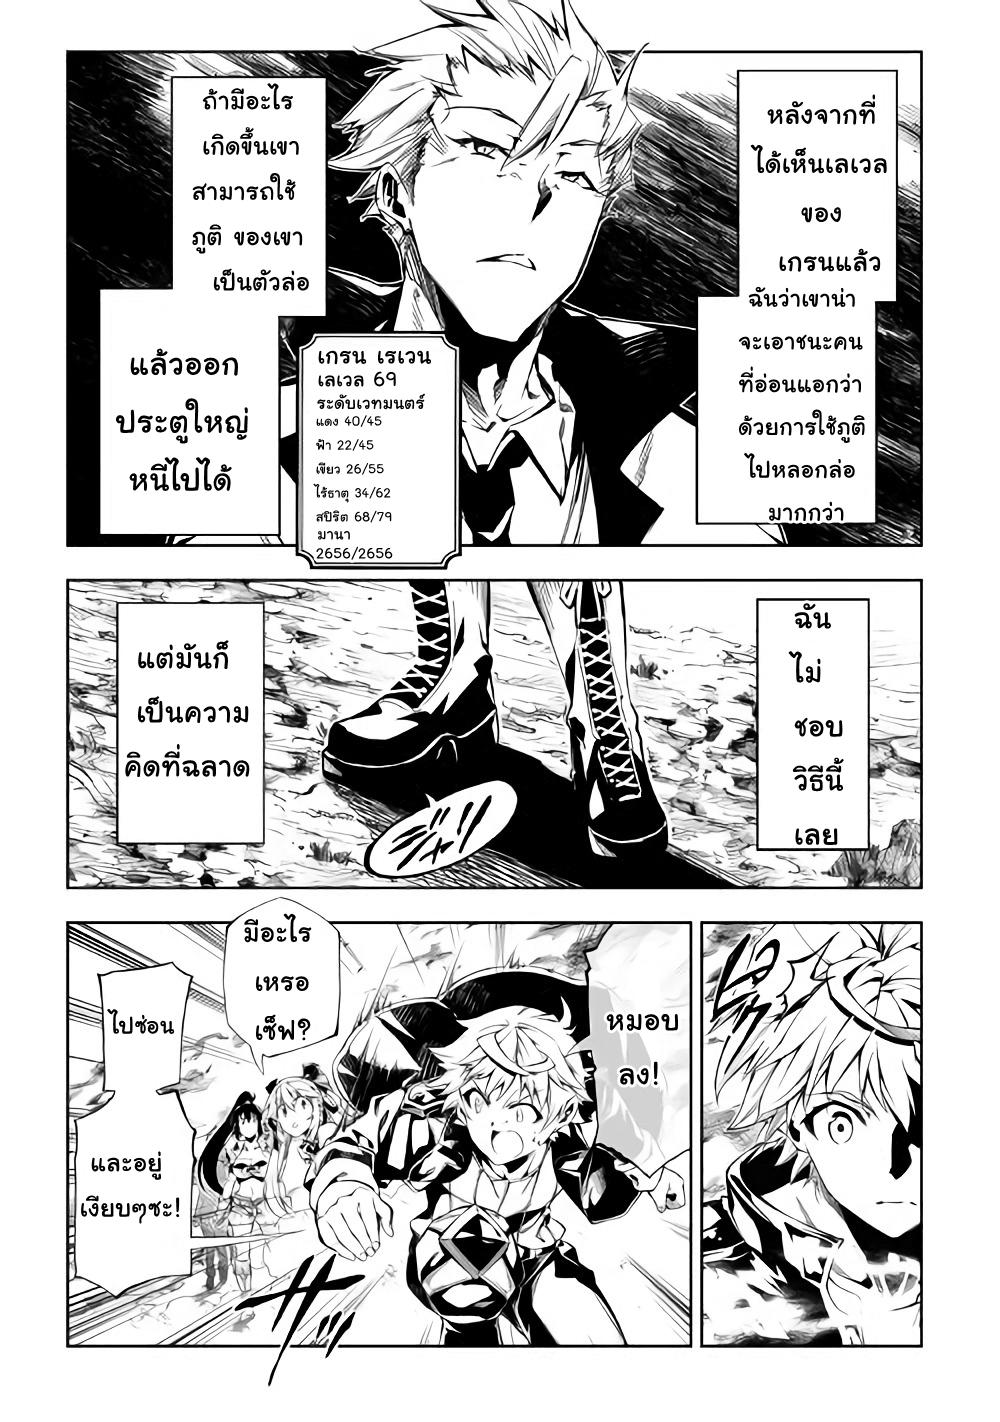 อ่านการ์ตูน Kouritsu Kuriya Madoushi, Dani no Jinsei de Madou o Kiwameru ตอนที่ 29 กระสุนเวทย์มนตร์ที่ชั่วร้าย หน้า 5